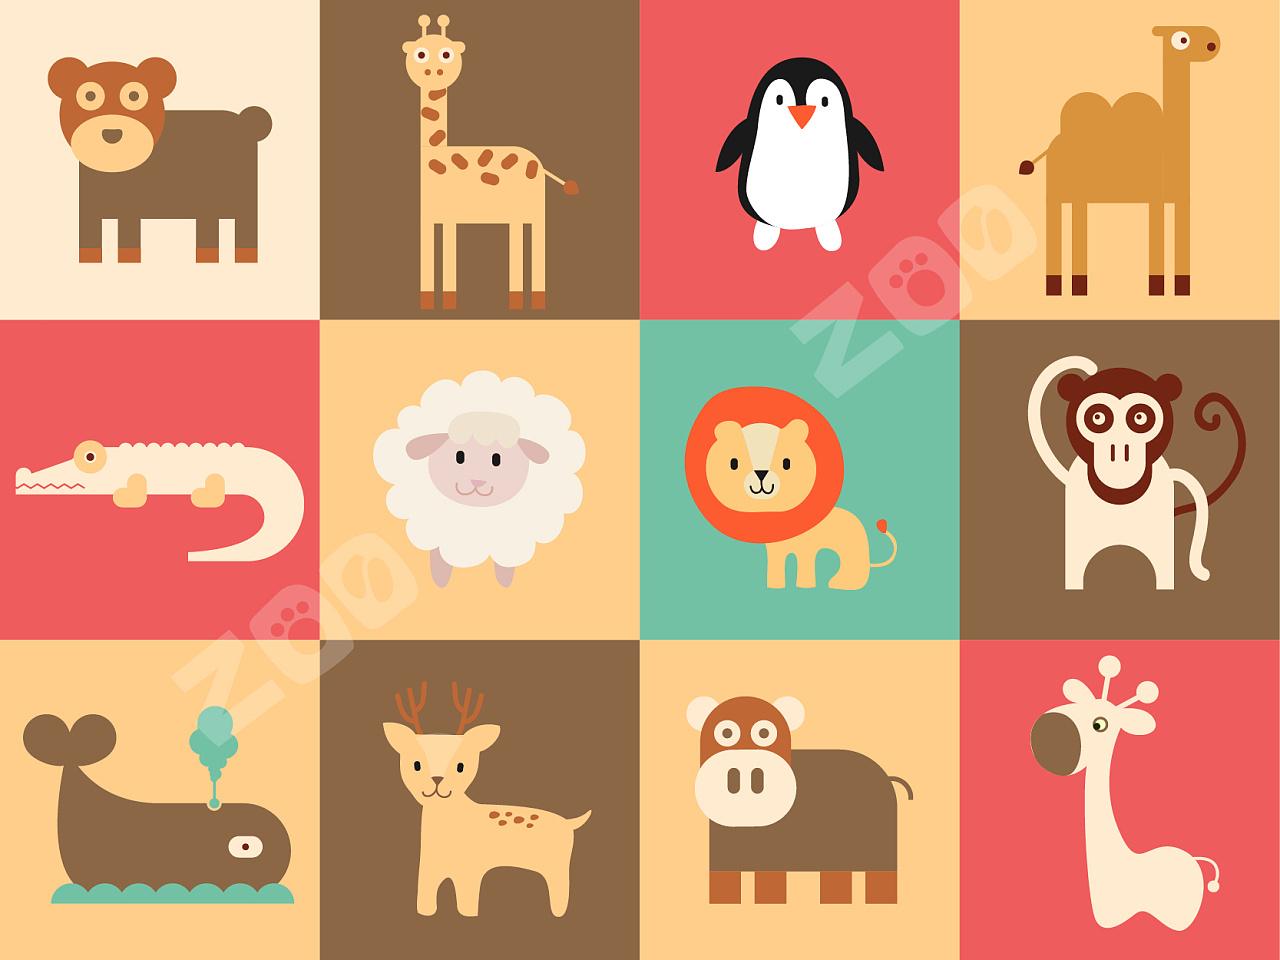 很喜欢小动物,临摹一些可爱的小动物们.